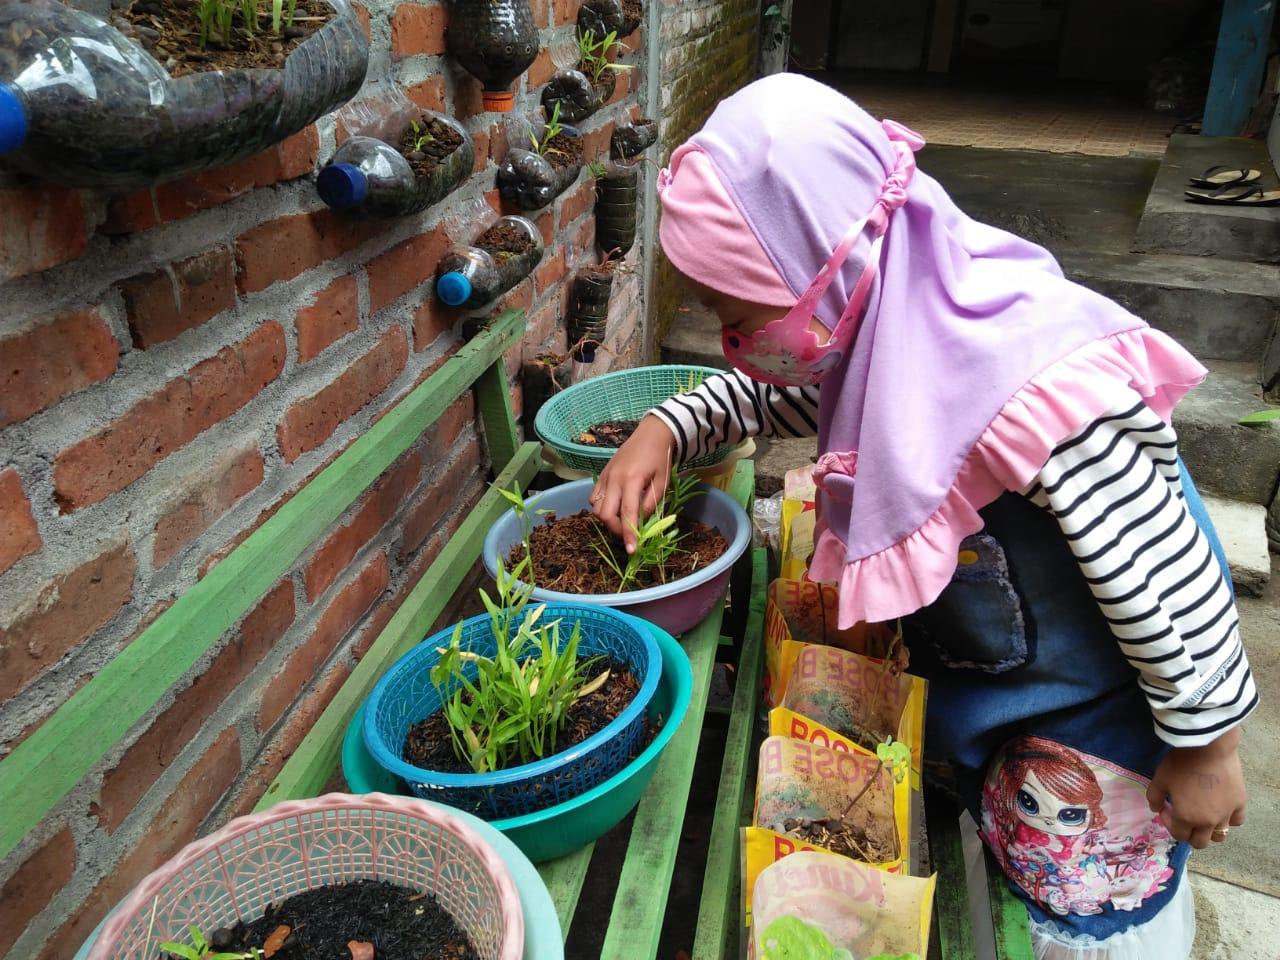 """Program kelentingan keluarga, menjadi sarana guru dalam menstimulasi 6 aspek perkembangan anak. Salah satunya dengan kegiatan berjudul """"Bagaimana Kamu Menanam Kangkung?"""" di TK ABA Wonokromo, Tulungagung"""